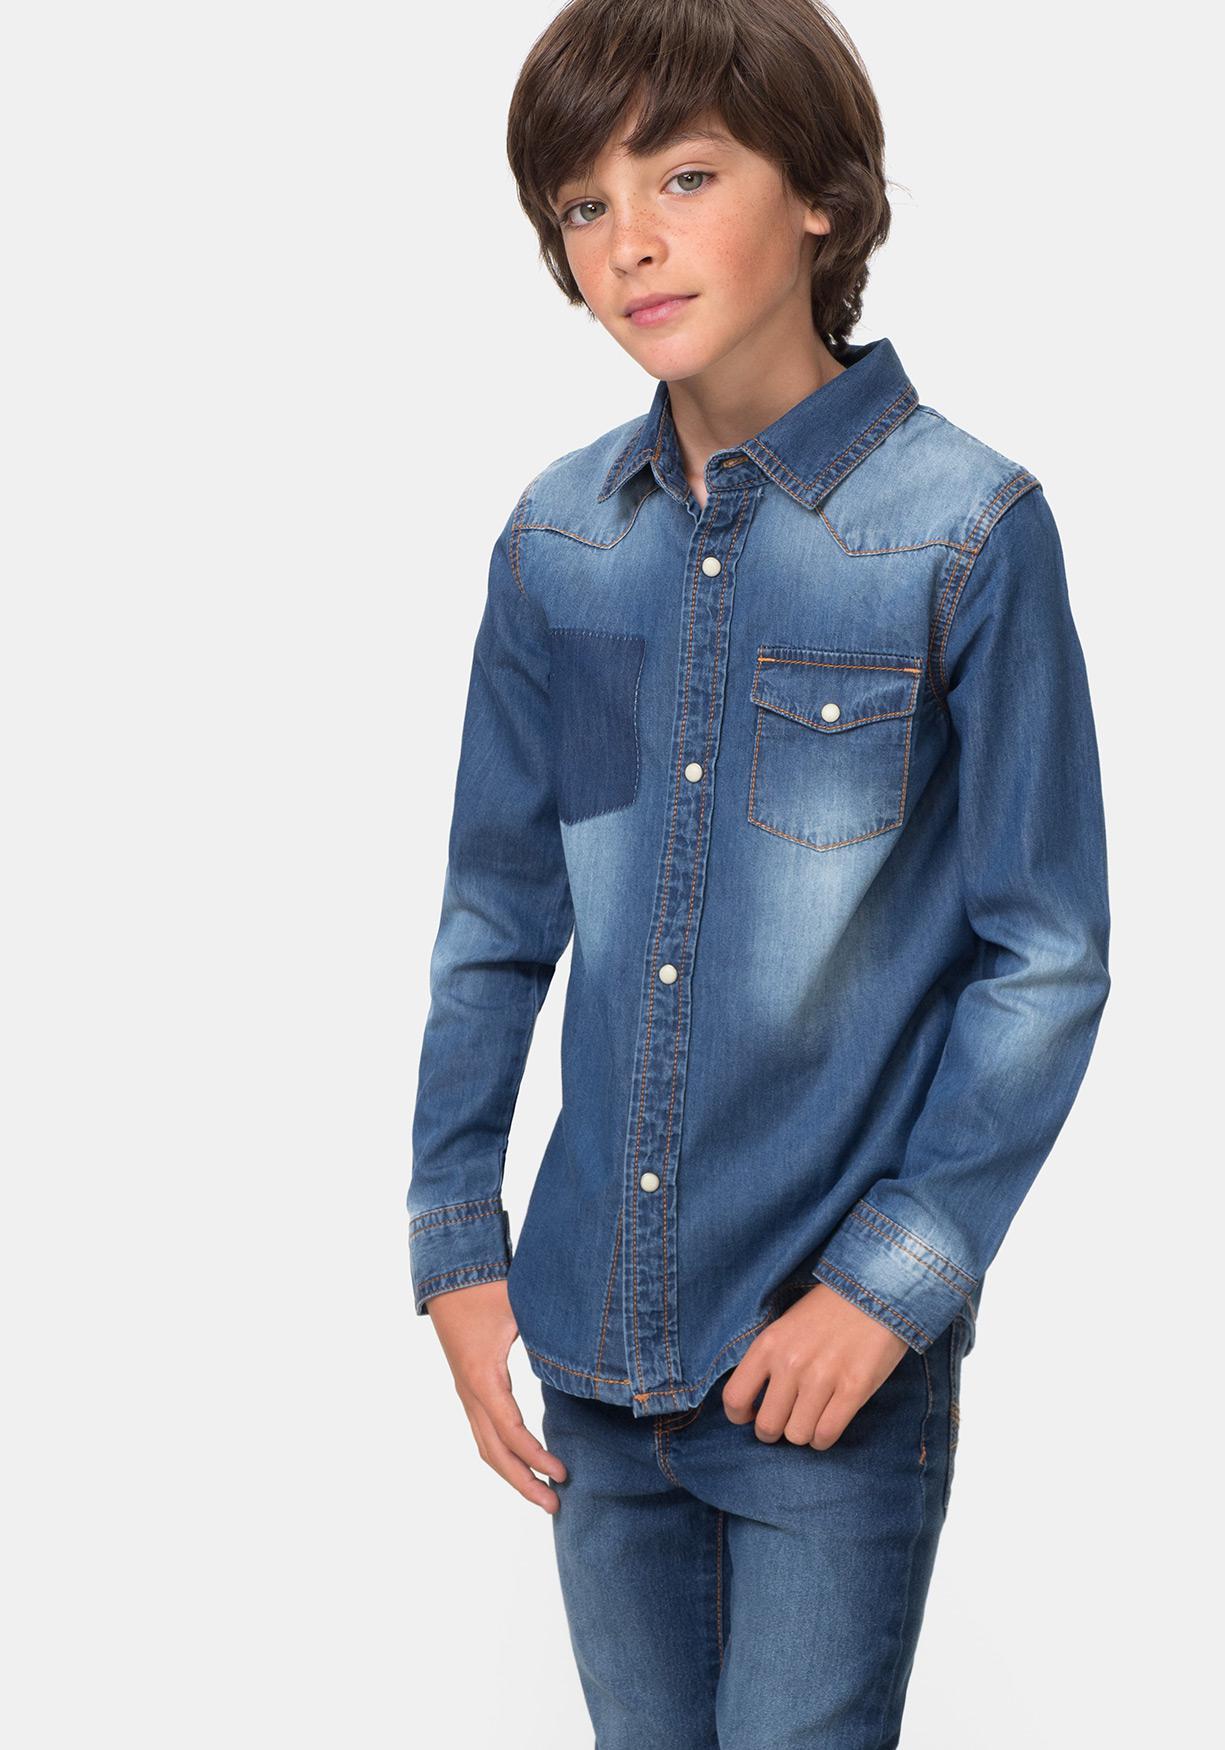 f3e64e466 Comprar Camisa vaquera manga larga. ¡Aprovéchate de nuestros precios ...